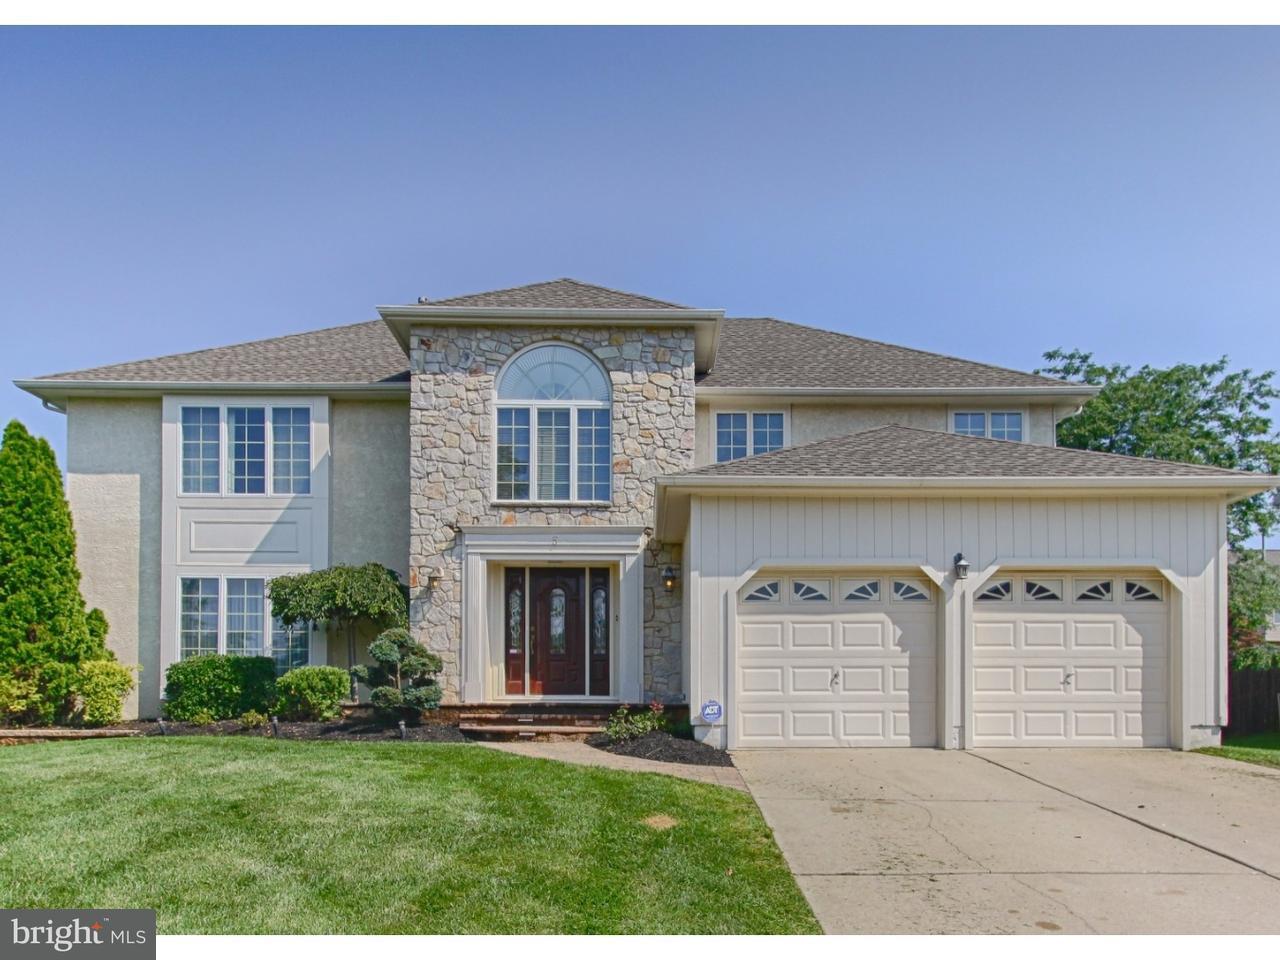 独户住宅 为 销售 在 5 PATRICK HENRY Drive Evesham Twp, 新泽西州 08053 美国